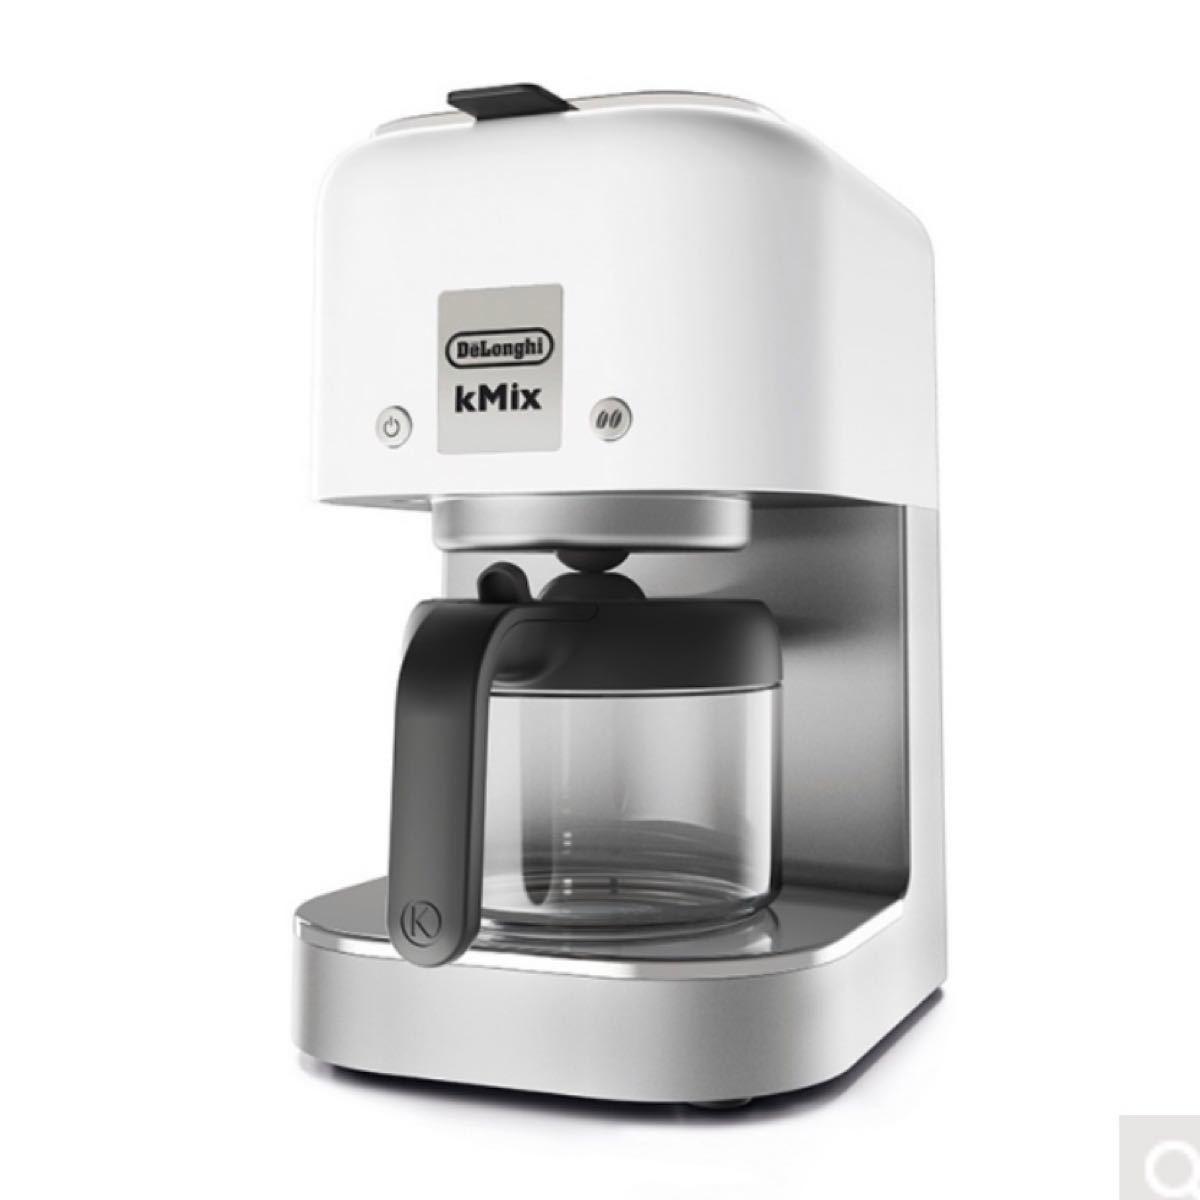 デロンギ kMixドリップコーヒーメーカー COX750J/GF